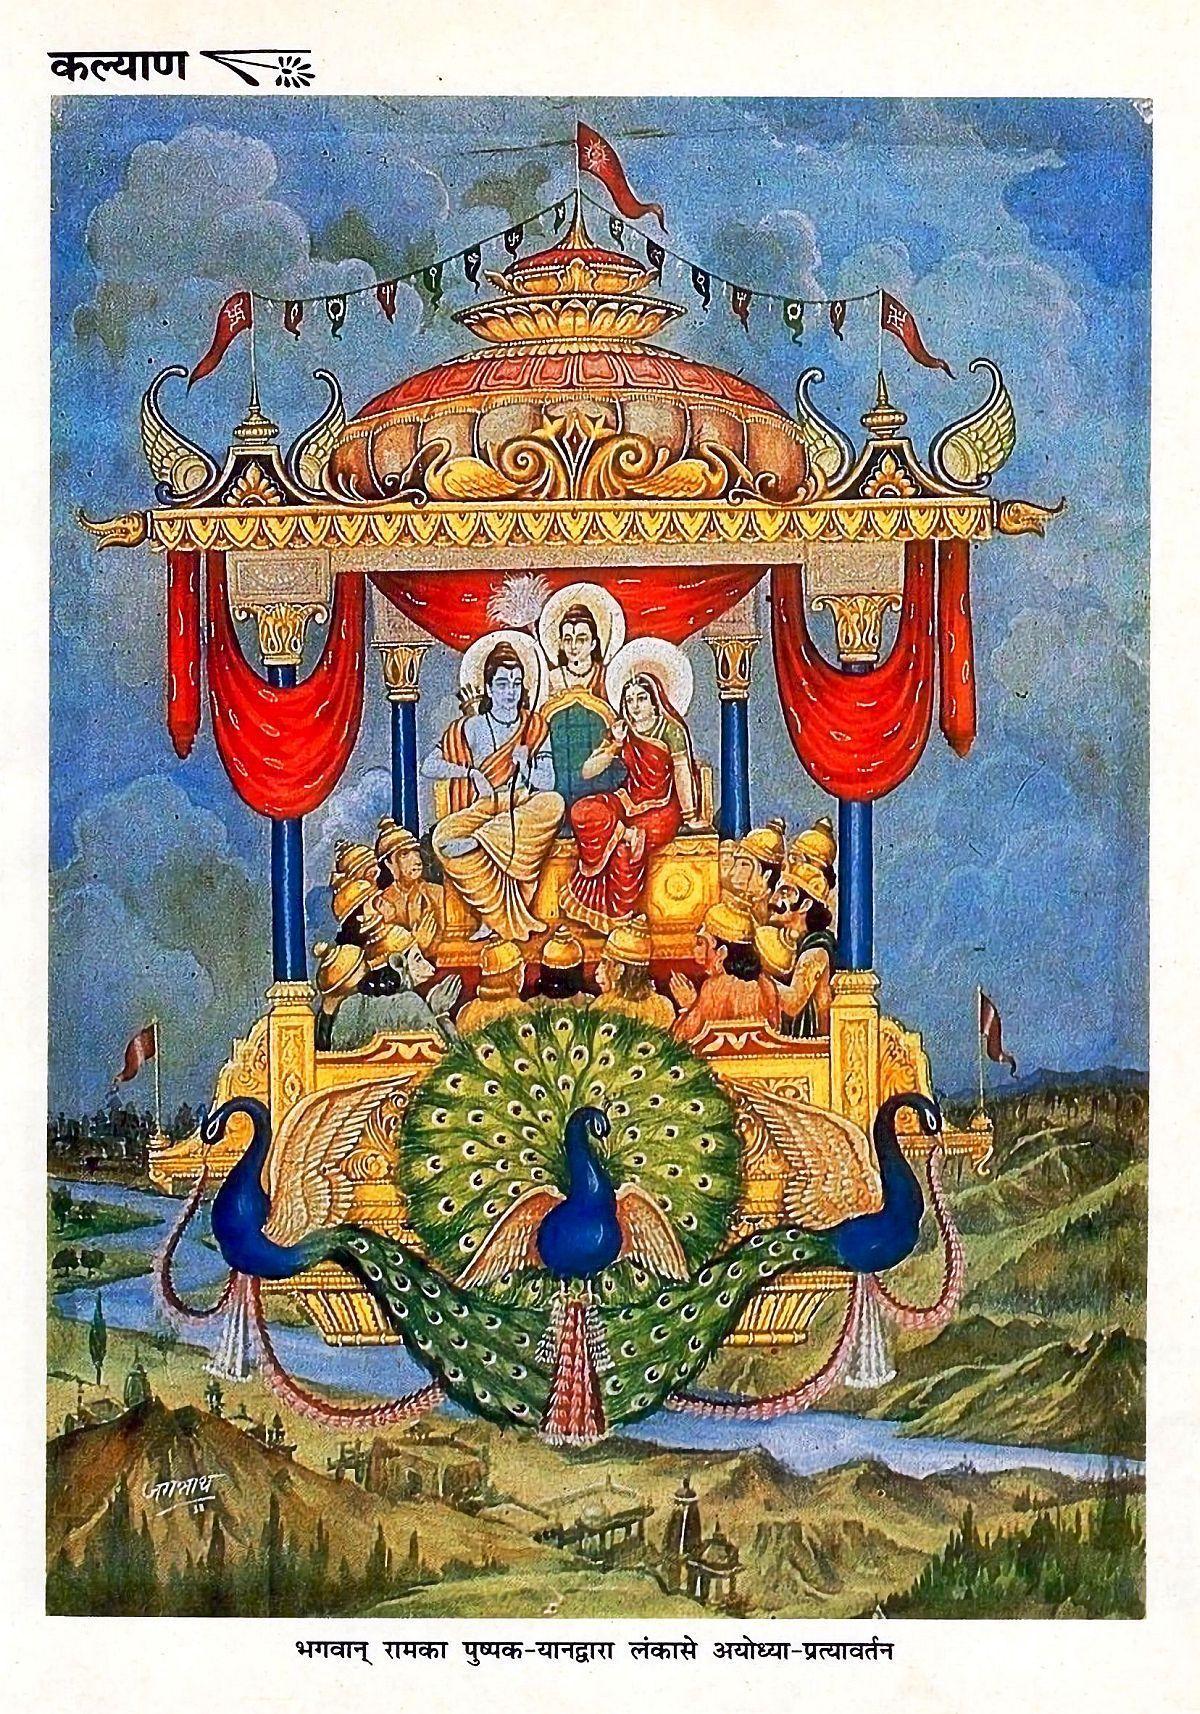 Return of Rama in Pushpak Viman Hindu Print Kalyan (Hindi magazine